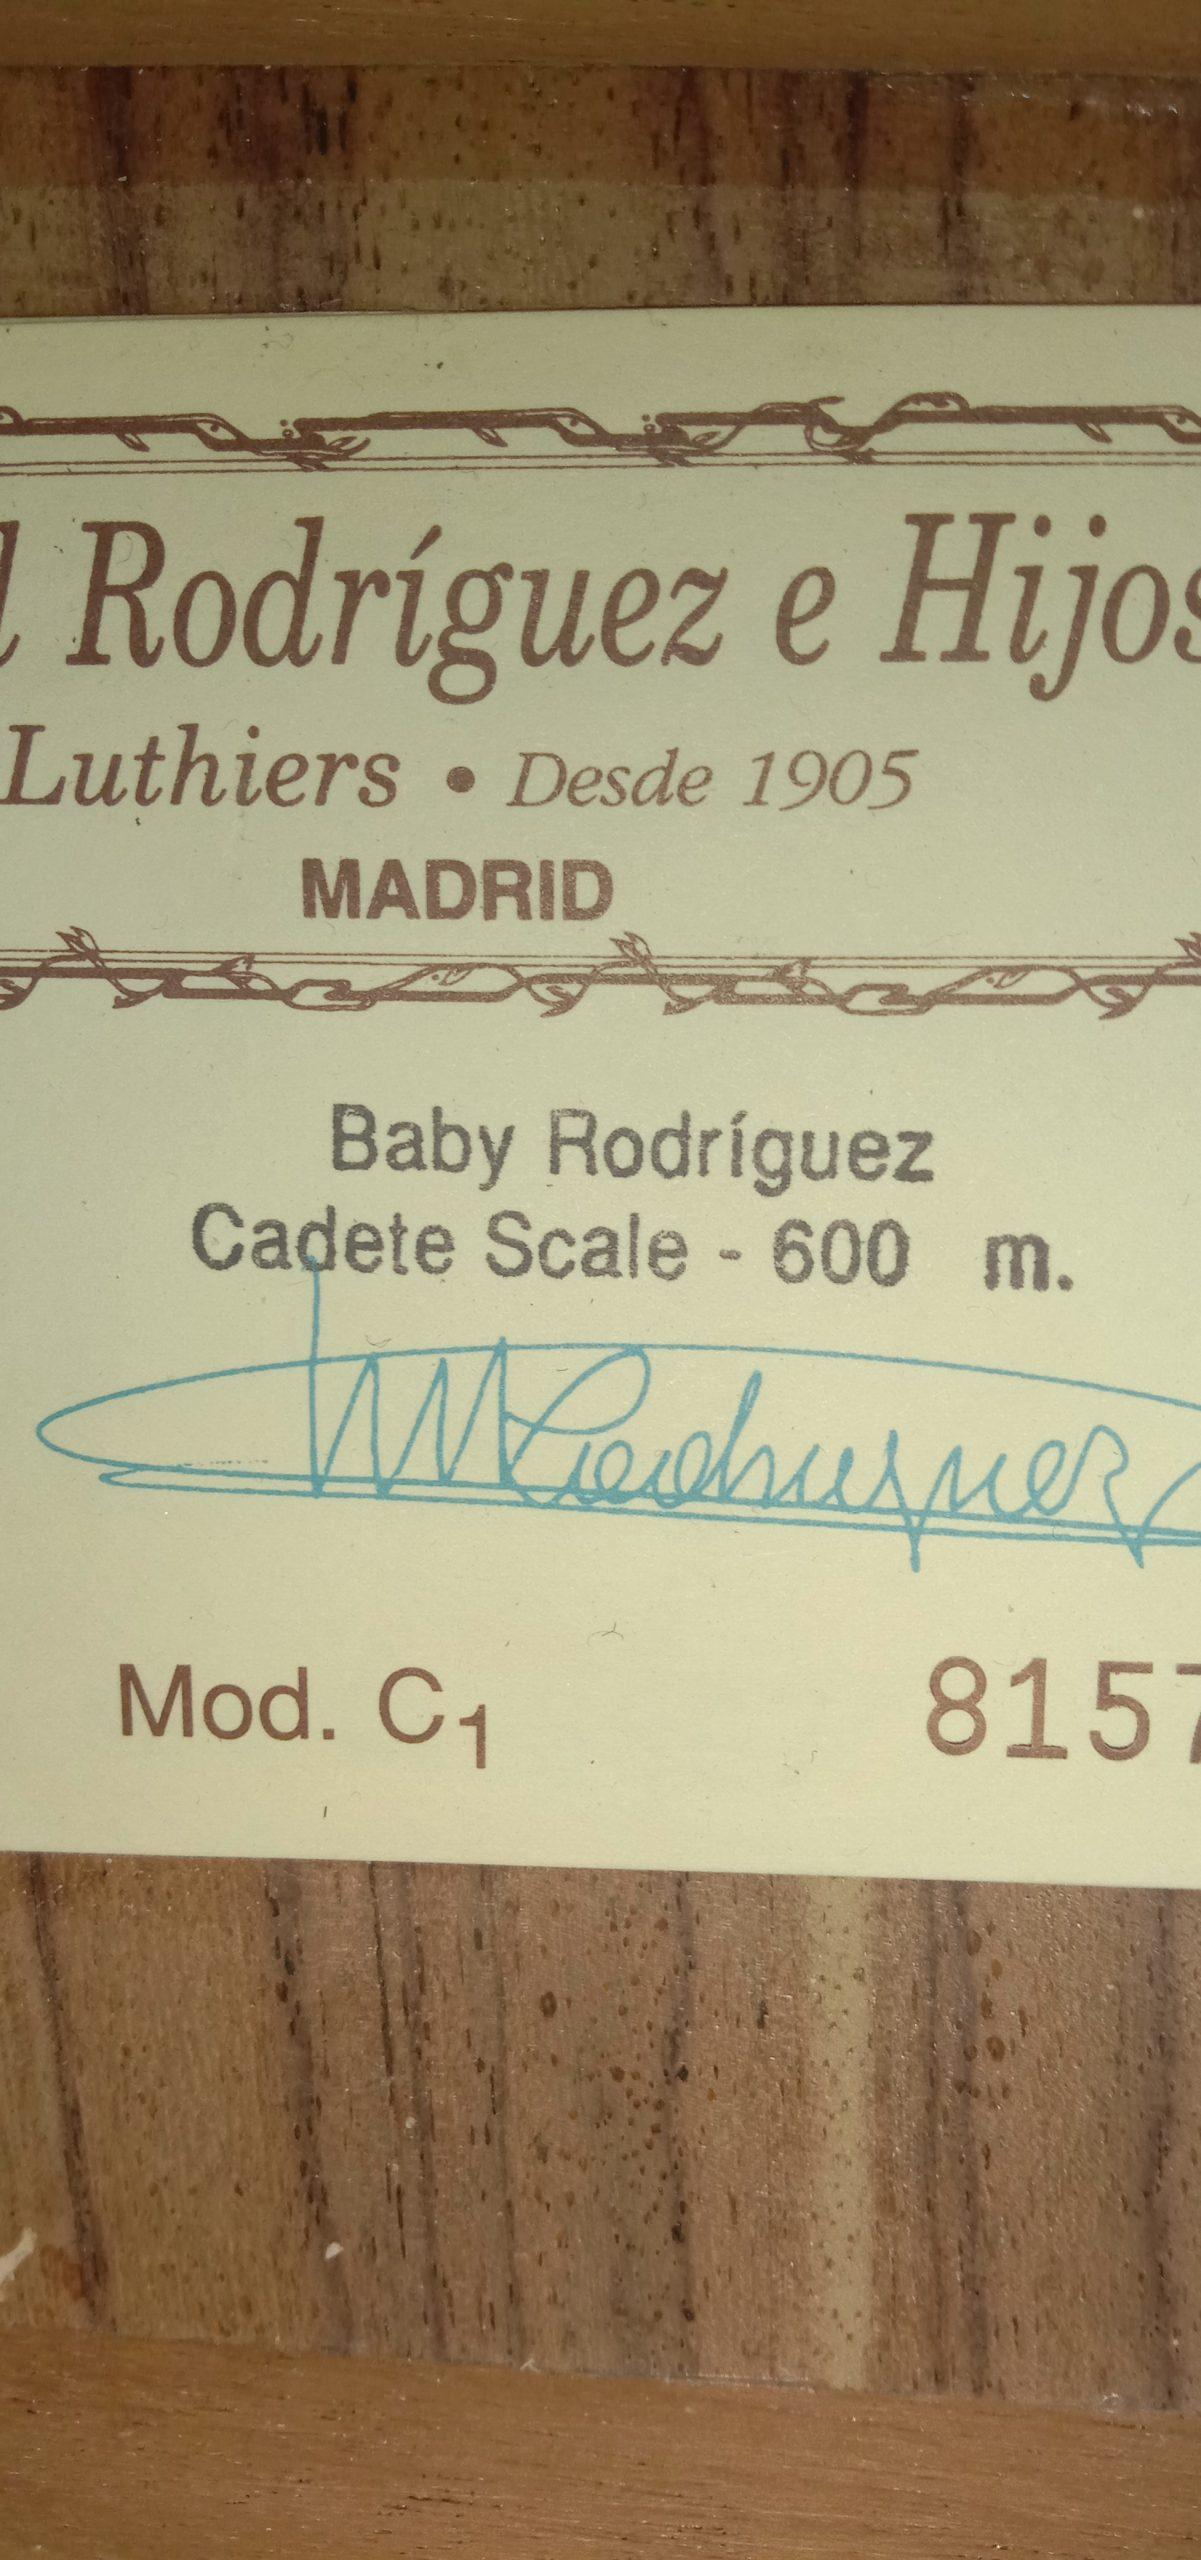 Baby Rodriguez Mod C1